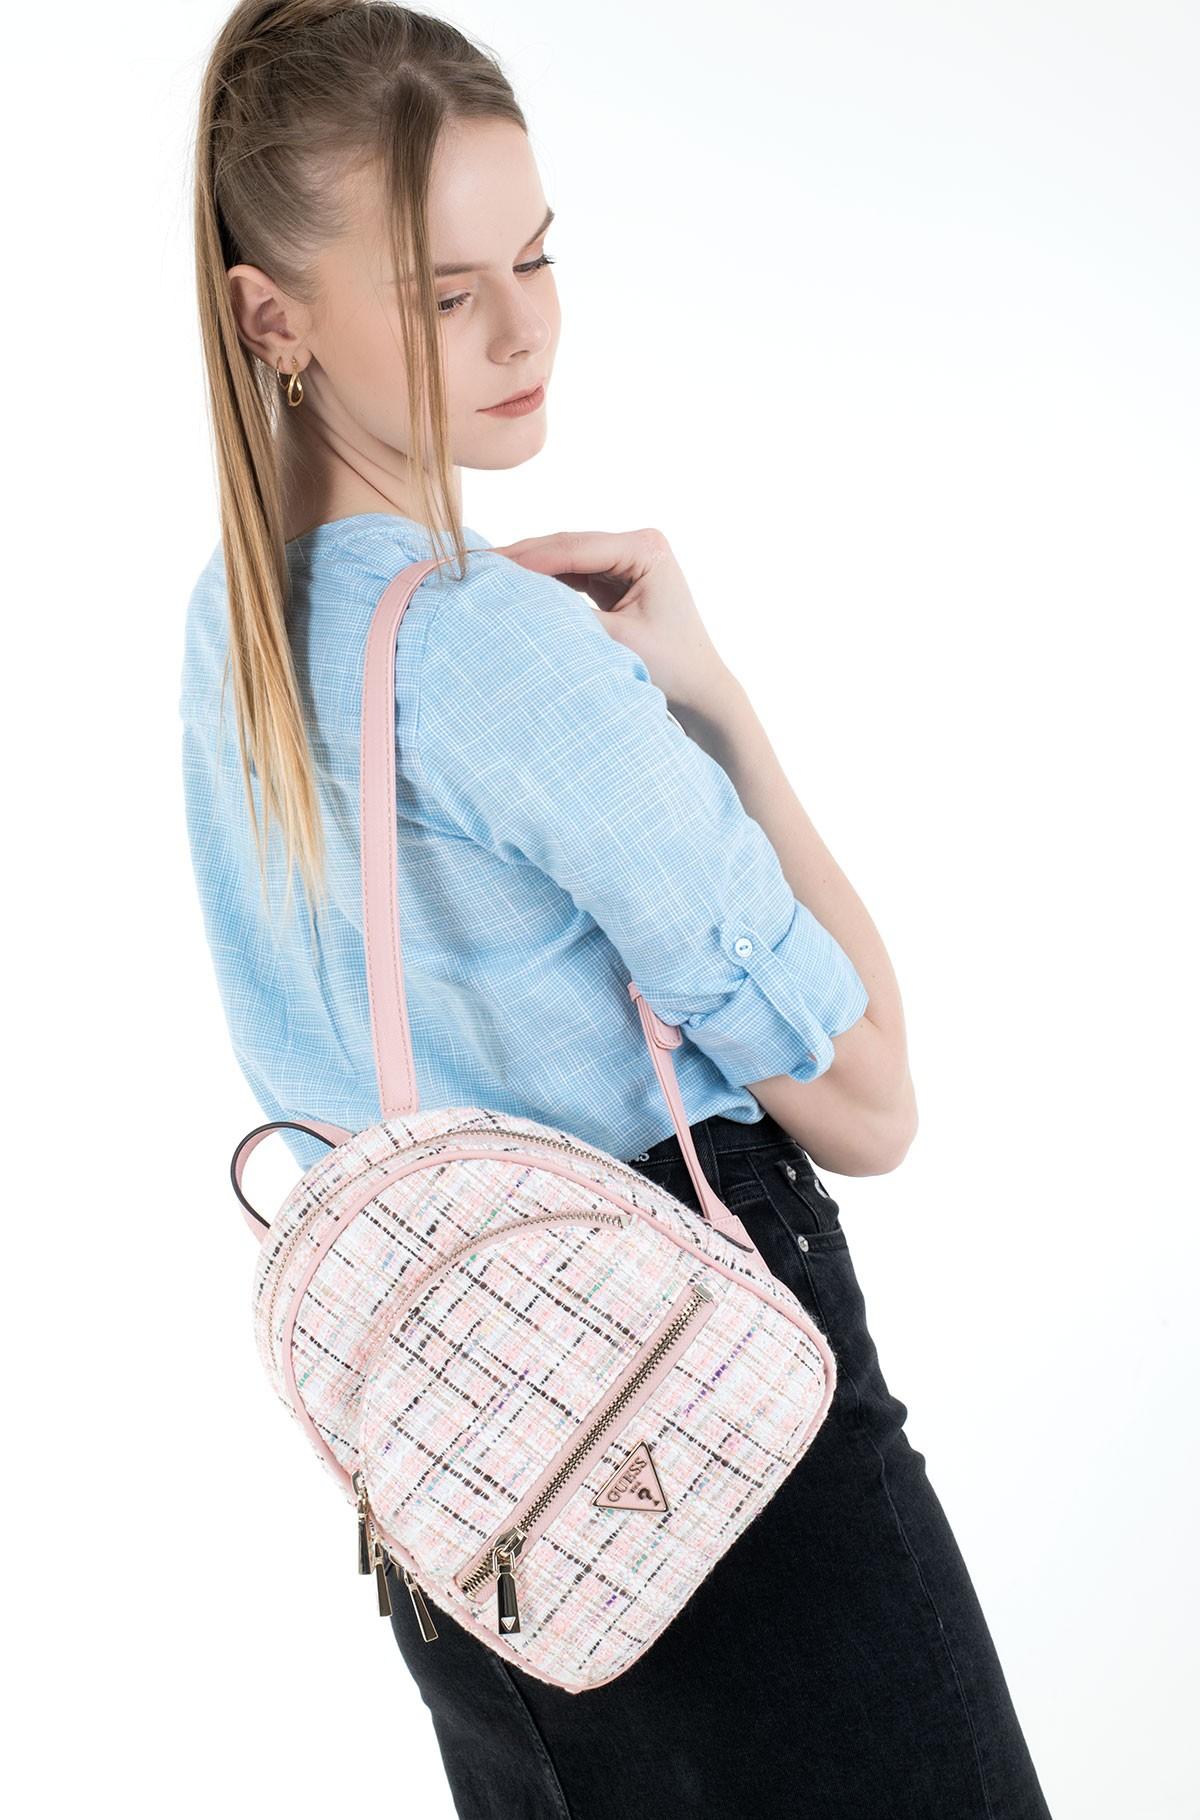 Backbag HWTG69 94320-full-1